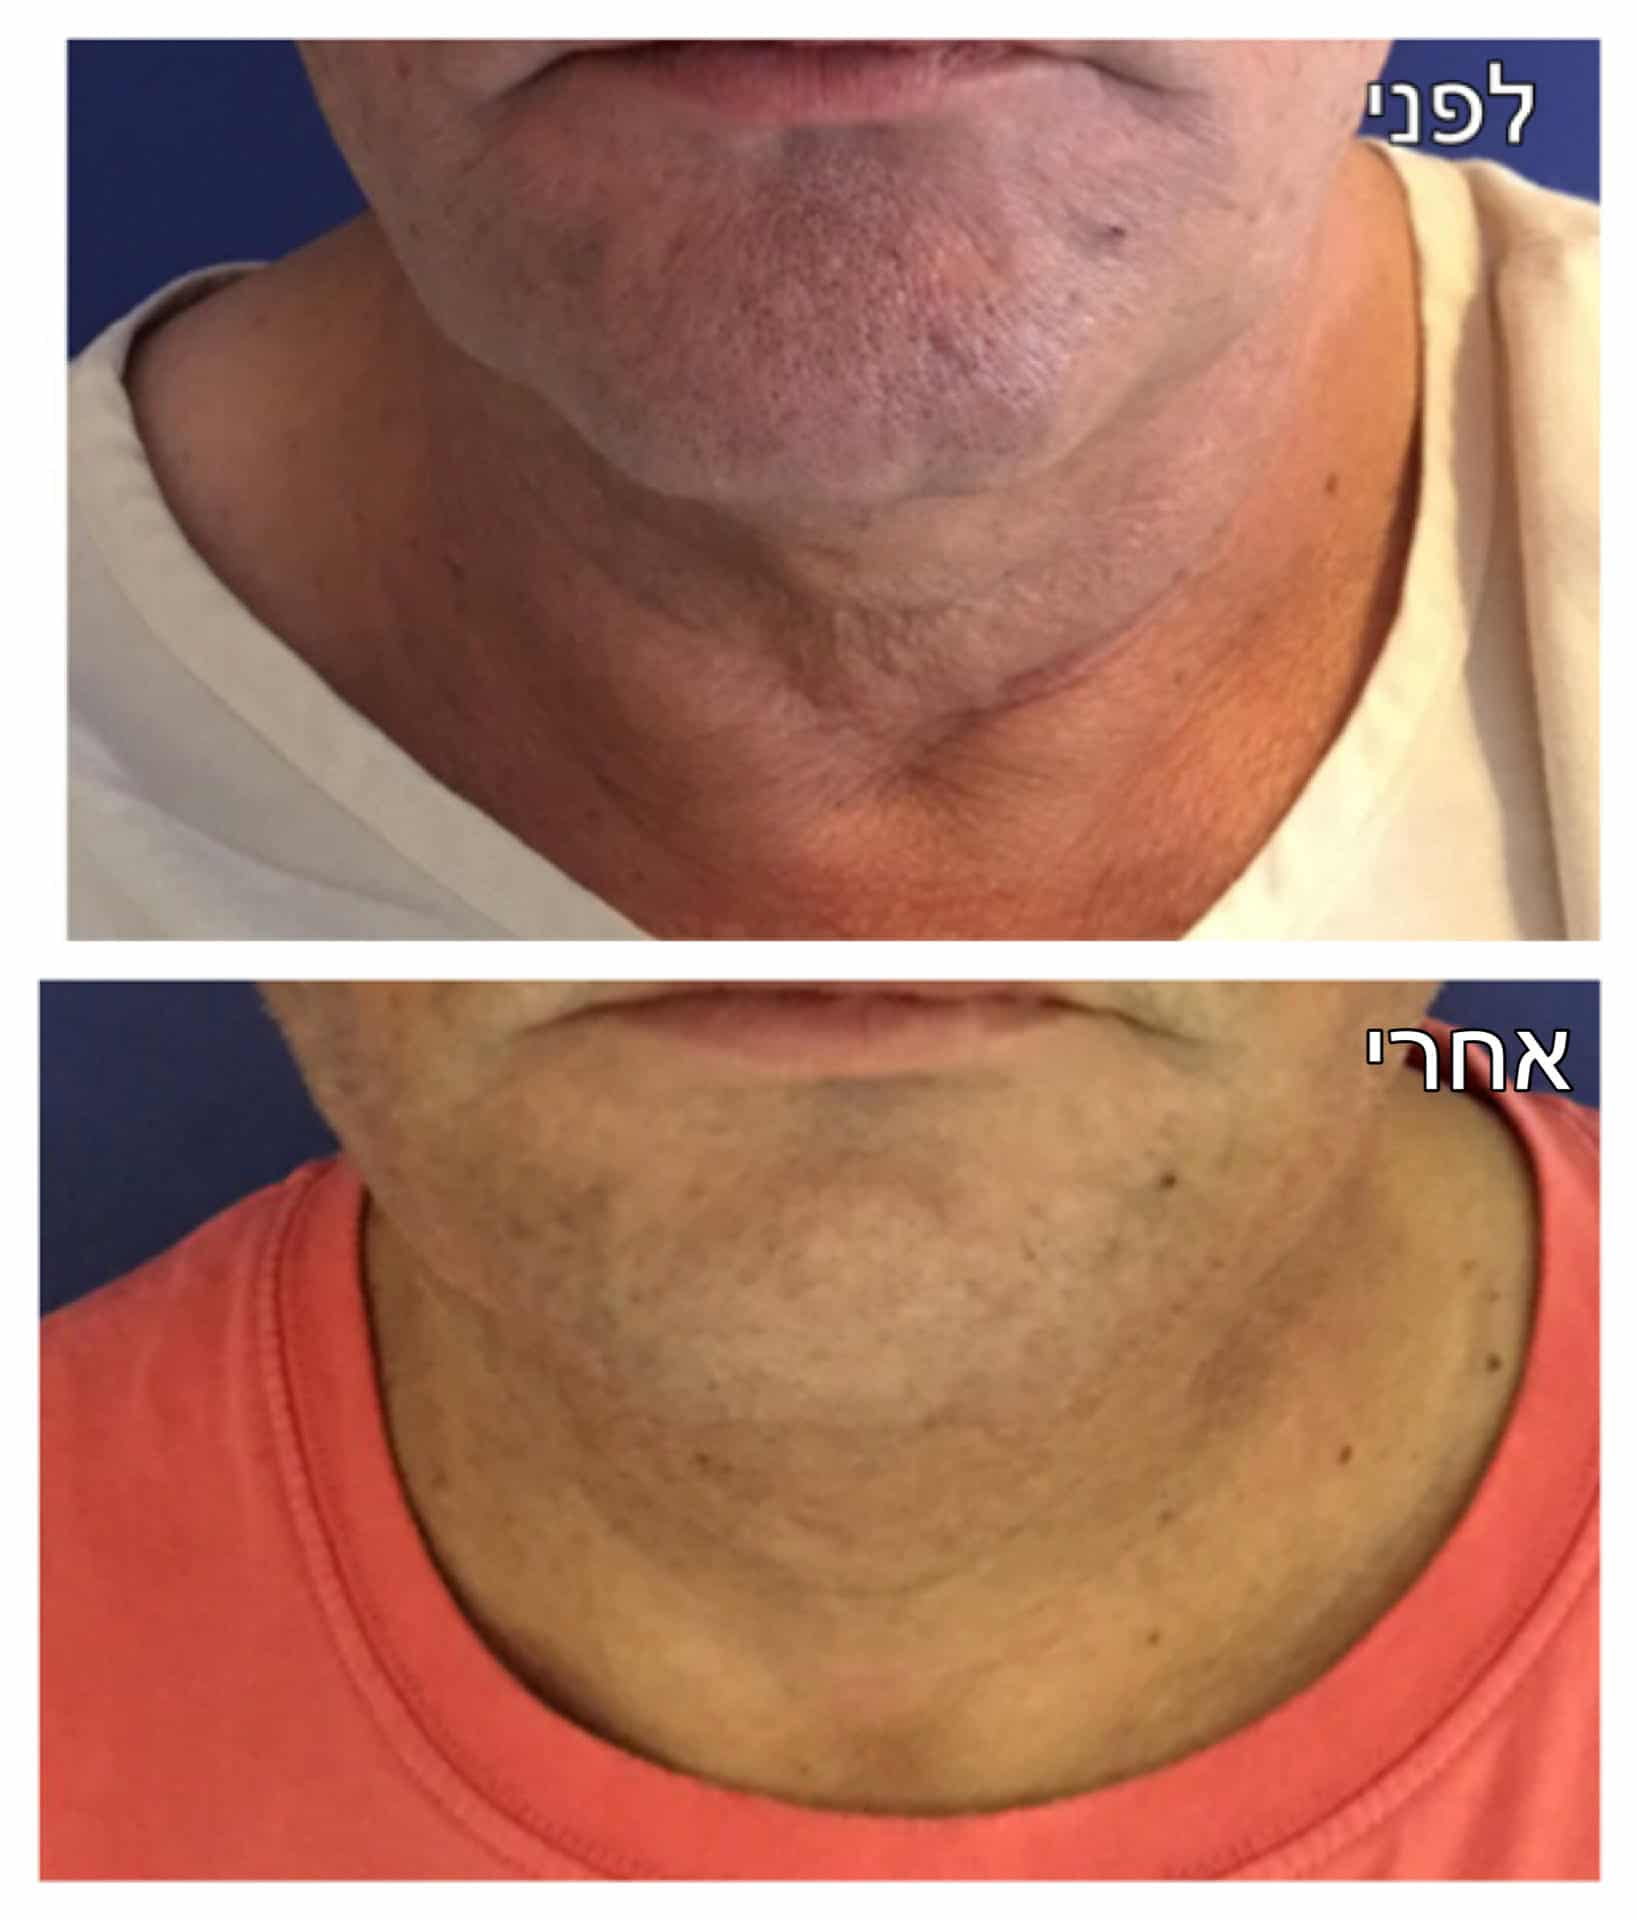 מתיחת צוואר לפני ואחרי